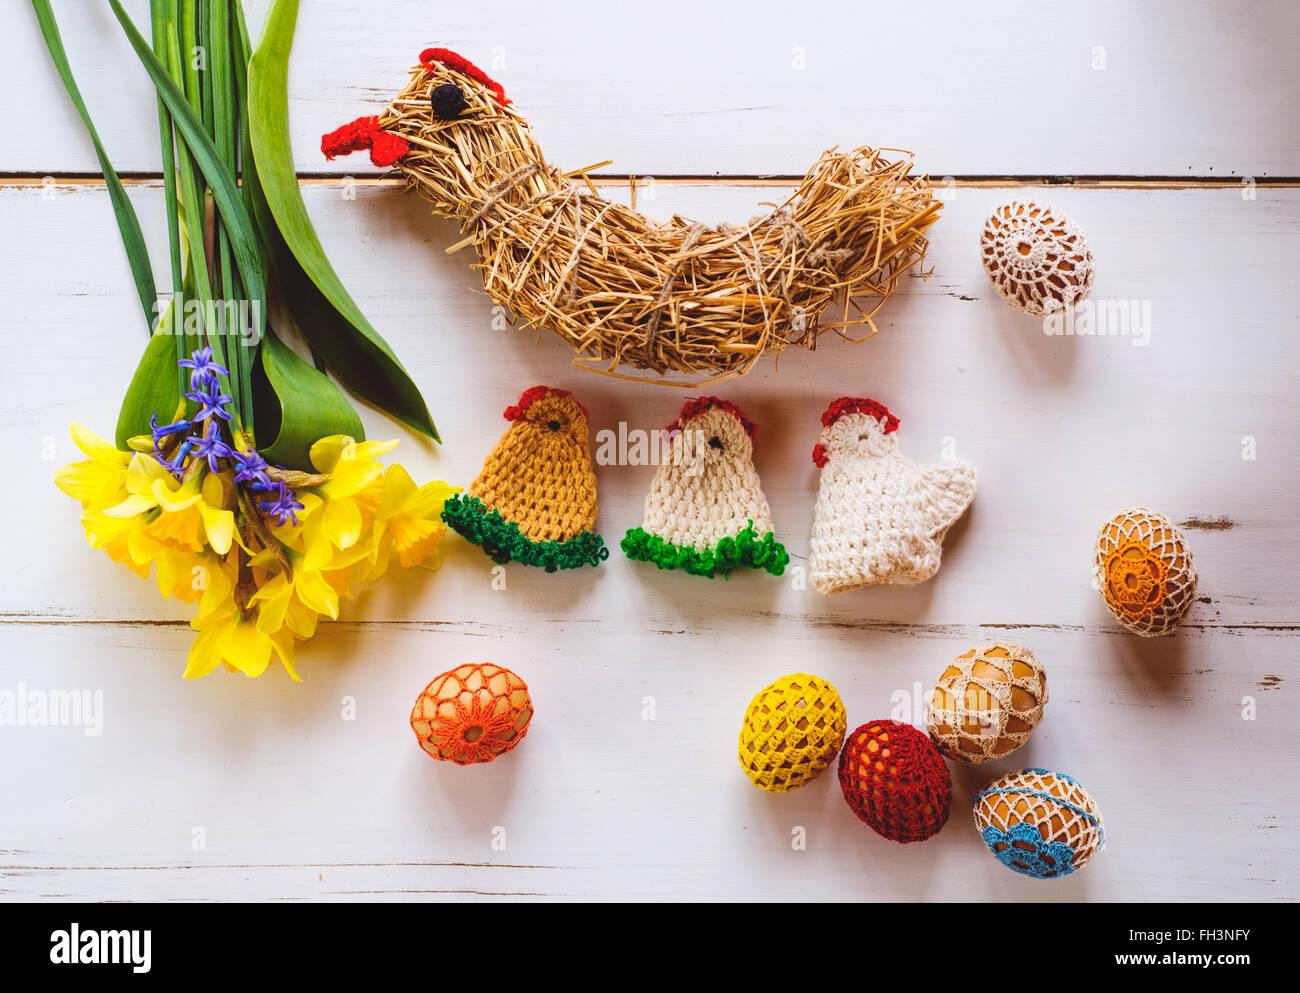 Les oeufs de Pâques en bonneterie, poulets et des jonquilles, fond de bois Photo Stock